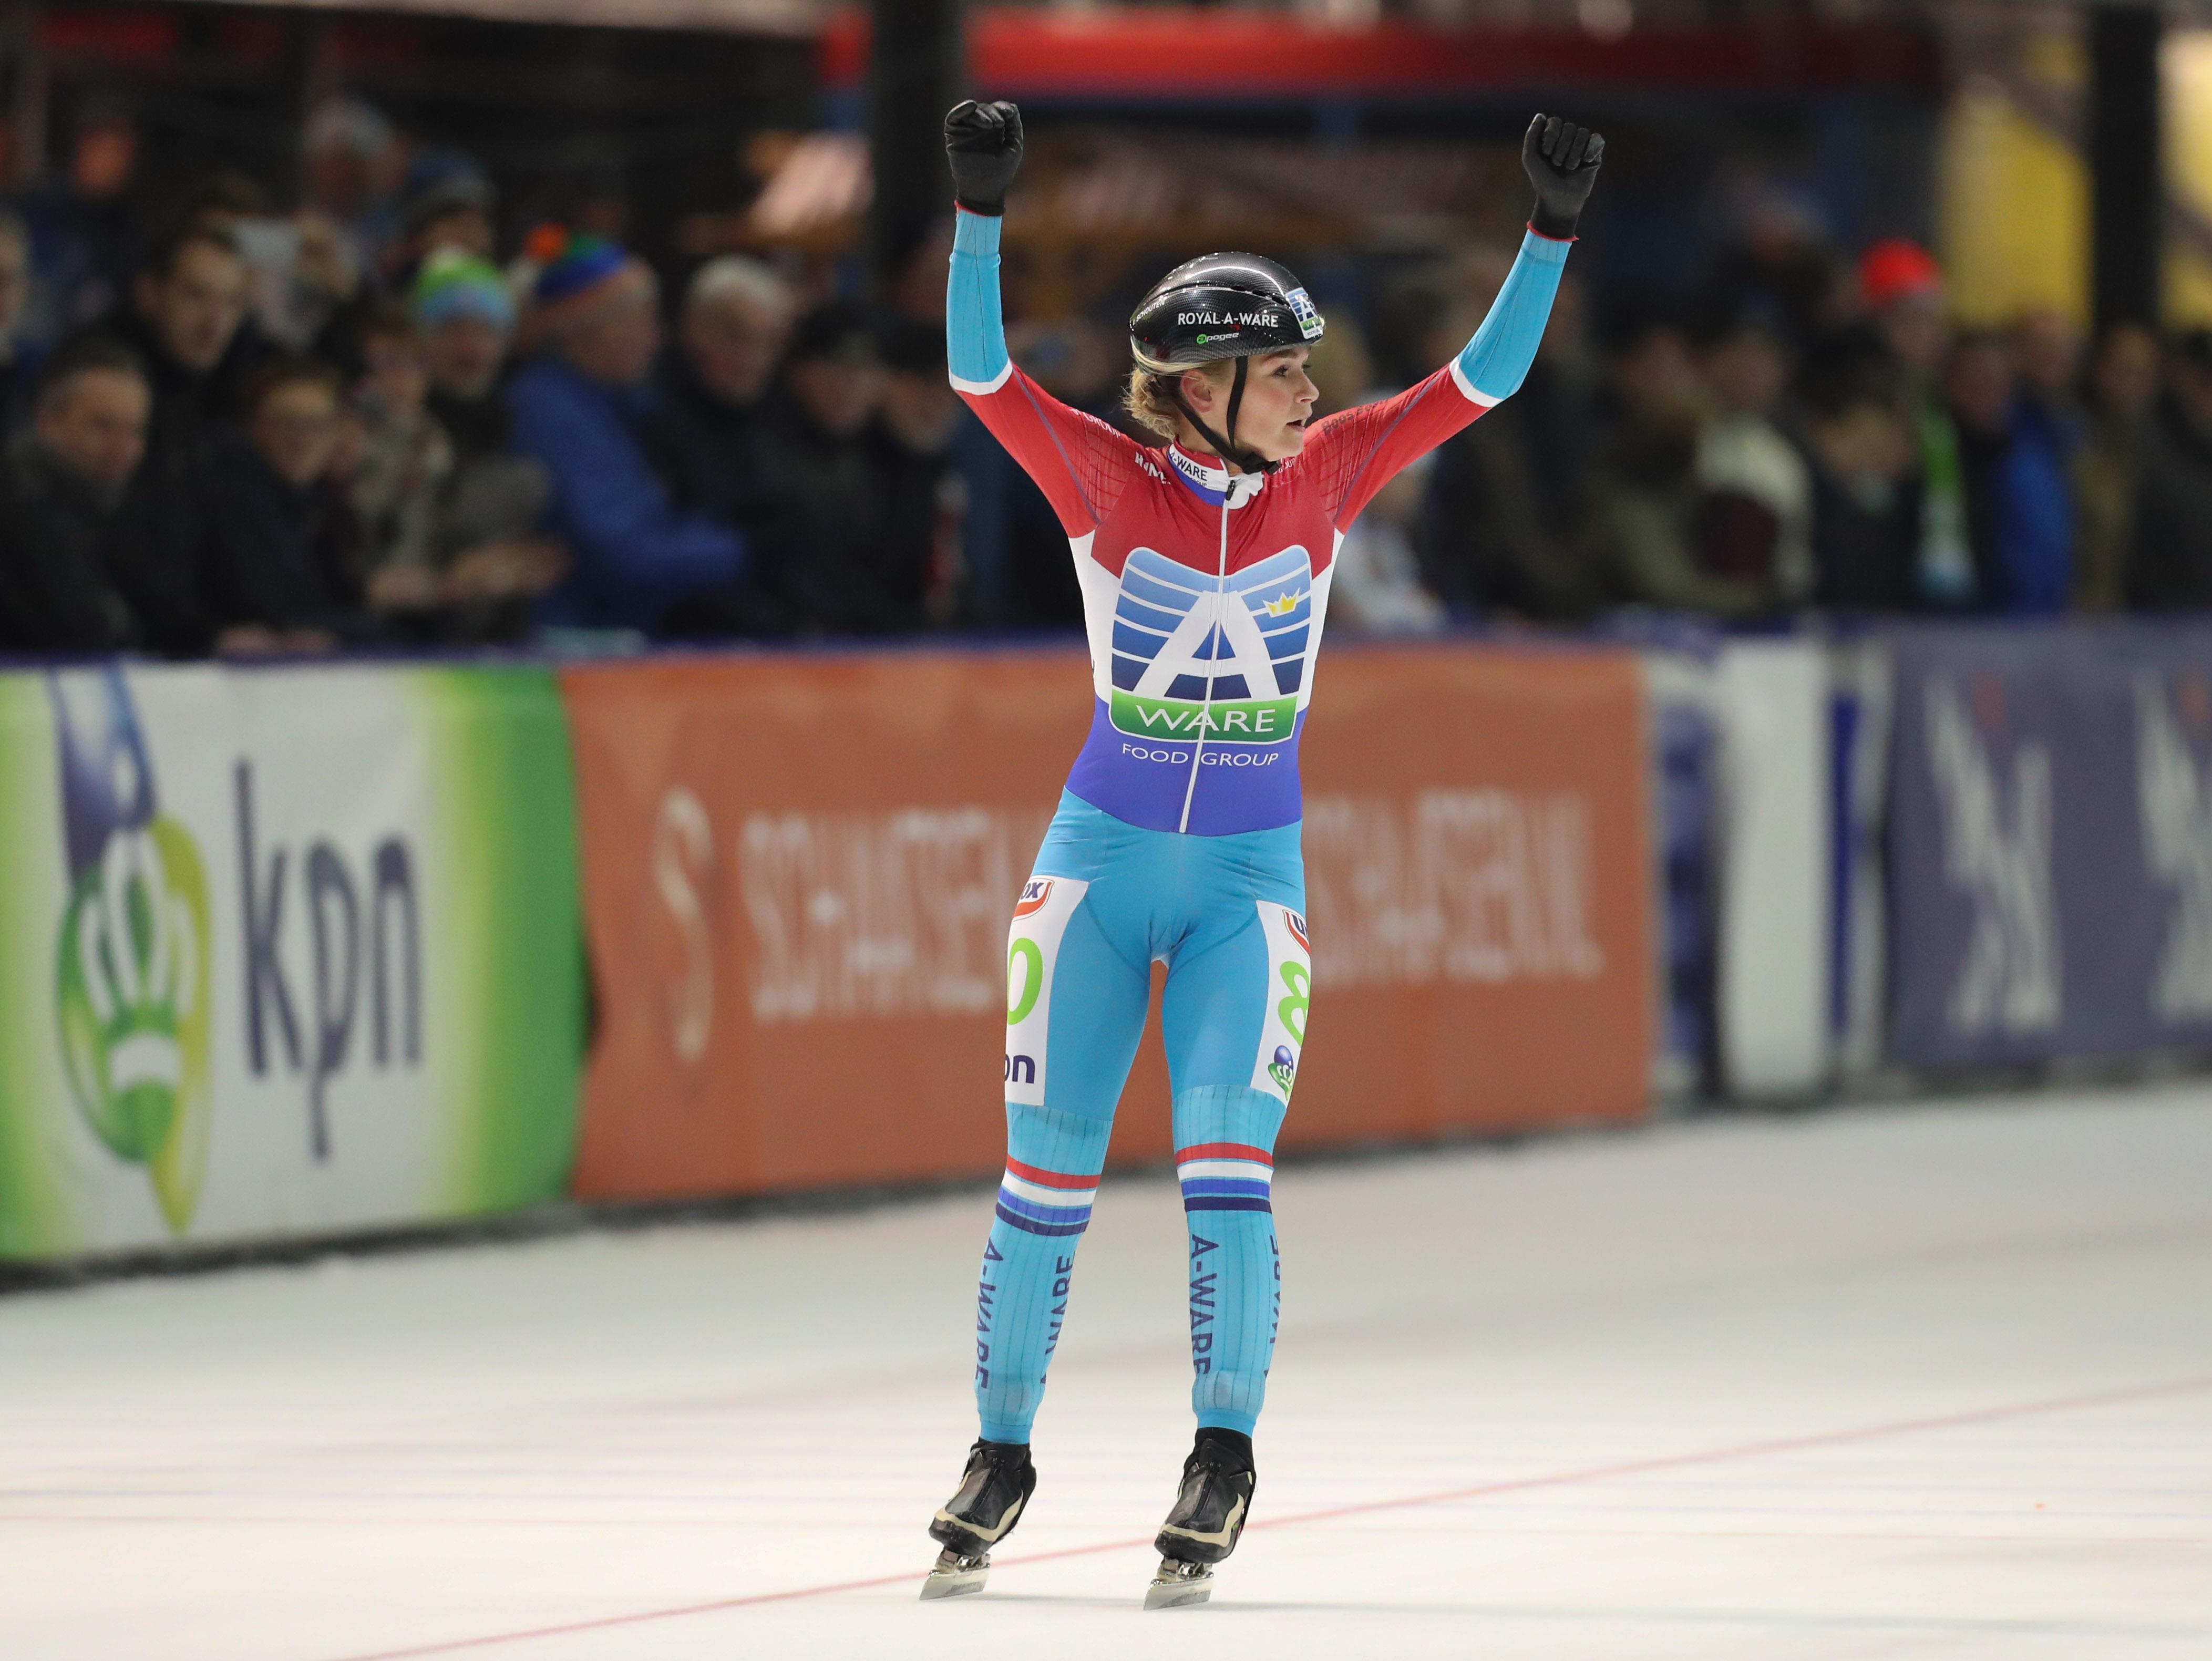 2017-11-Irene Schouten sprint 2.jpg (1)